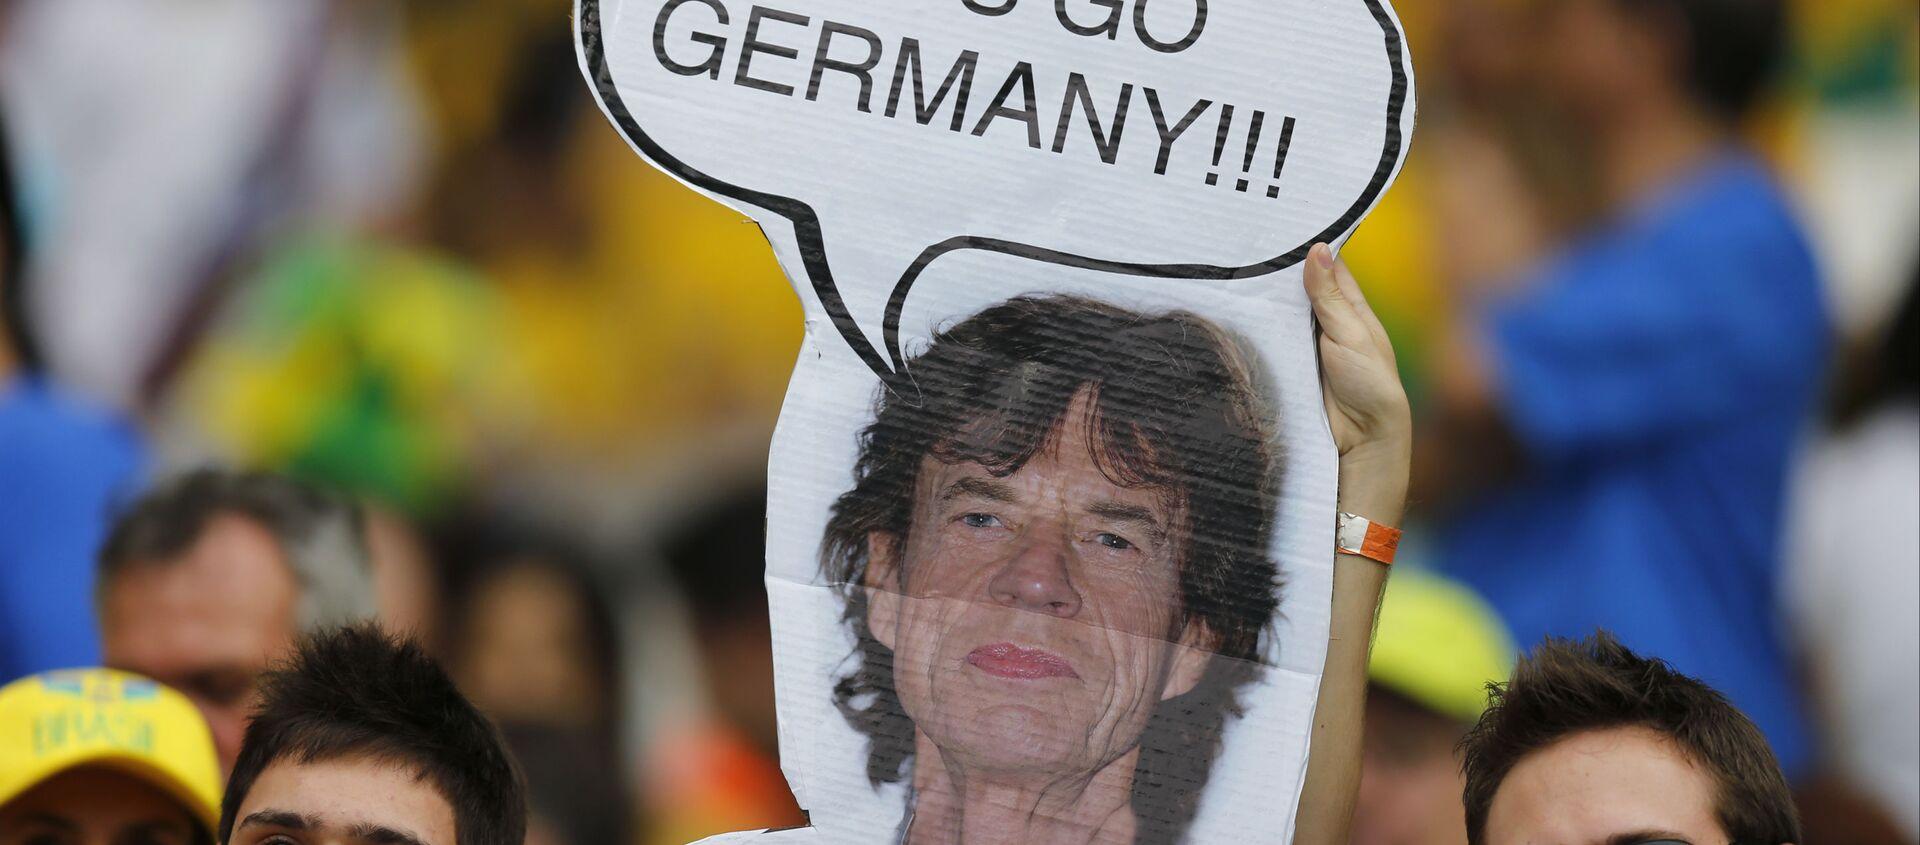 Hinchas de Brasil en semifinal del Mundial 2014 Alemania-Brasil - Sputnik Mundo, 1920, 24.07.2020